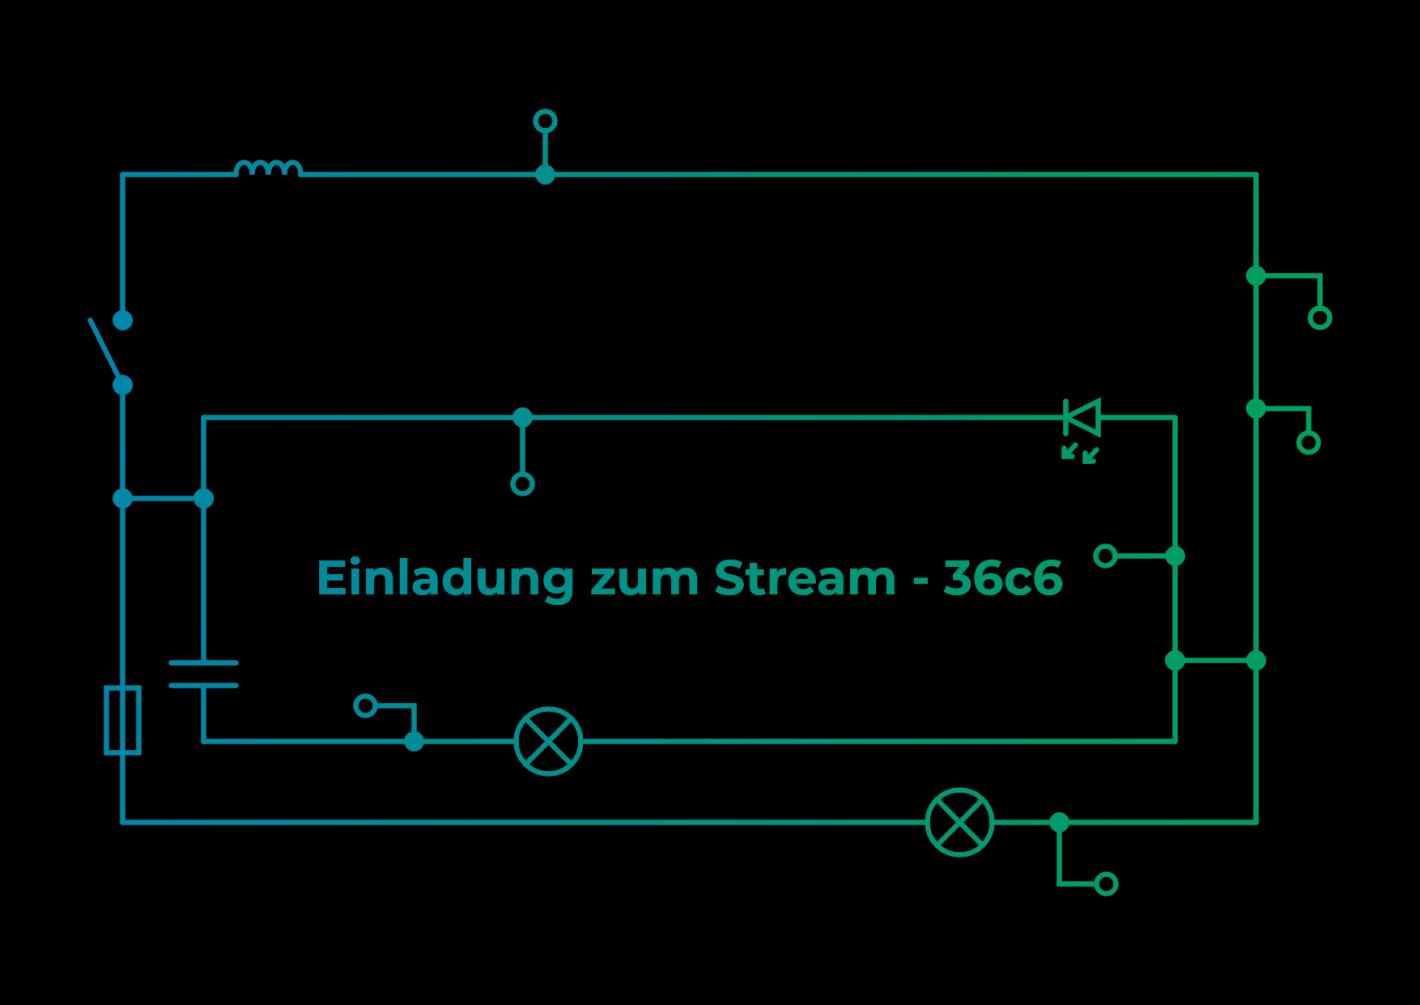 35c3-Einladung-zum-Stream-36c6